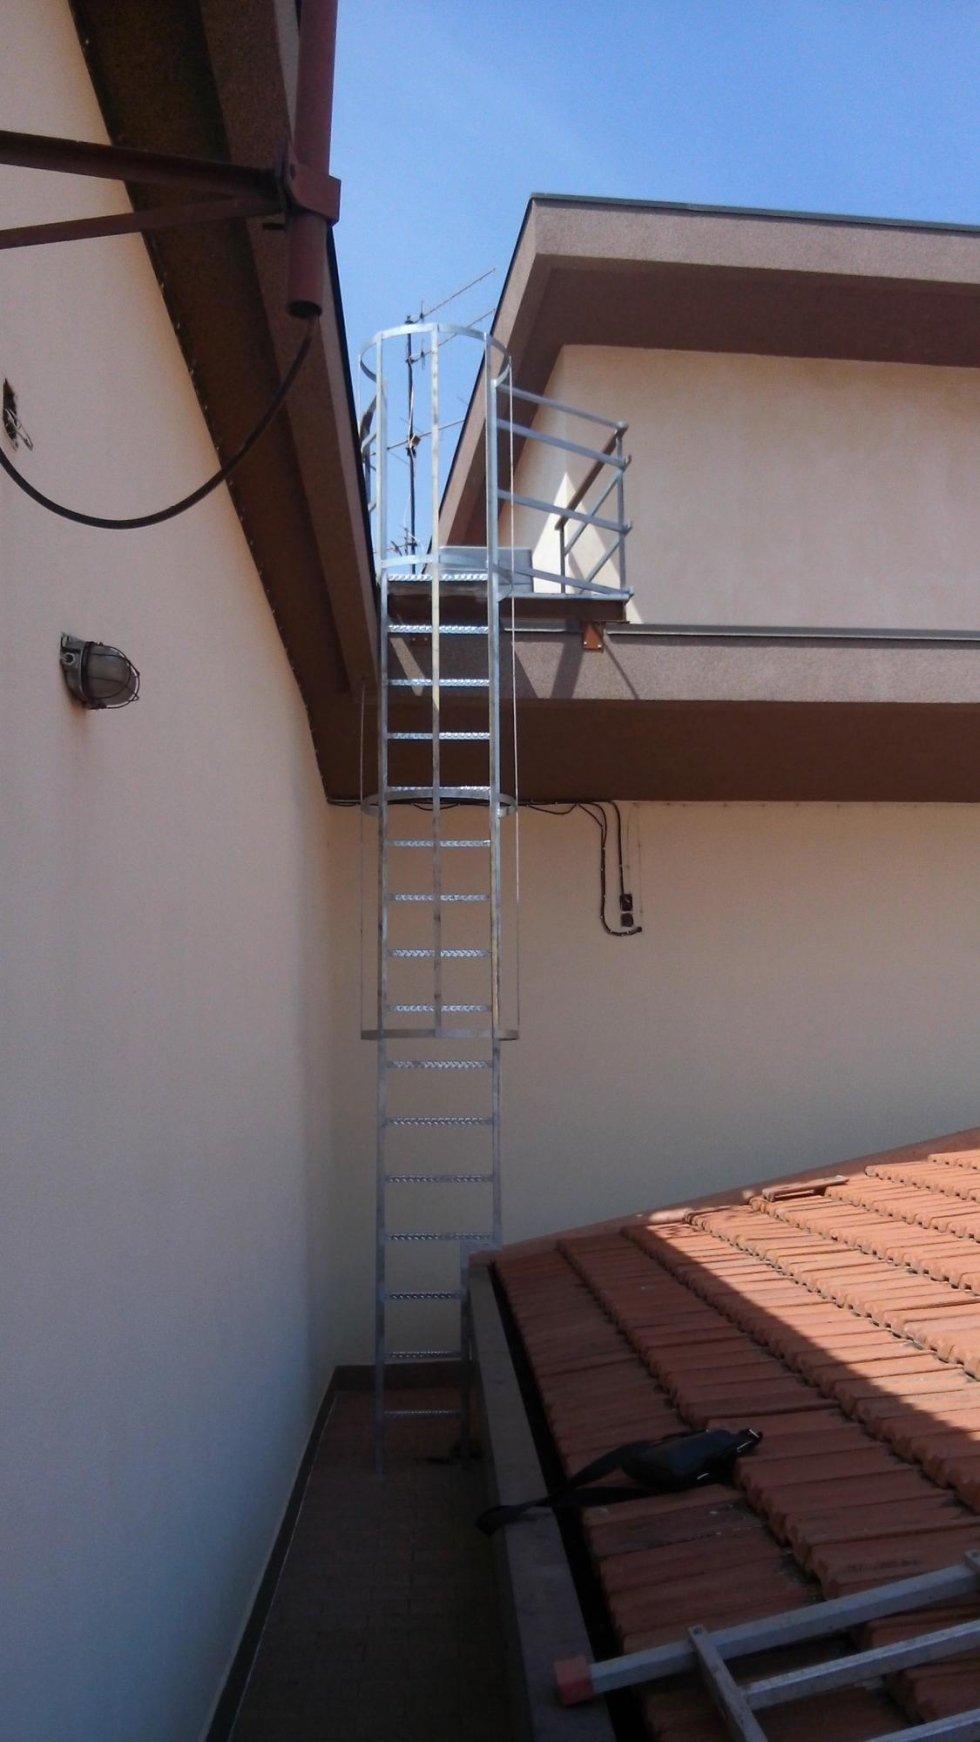 una scala grigia e sulla destra un tetto di una casa